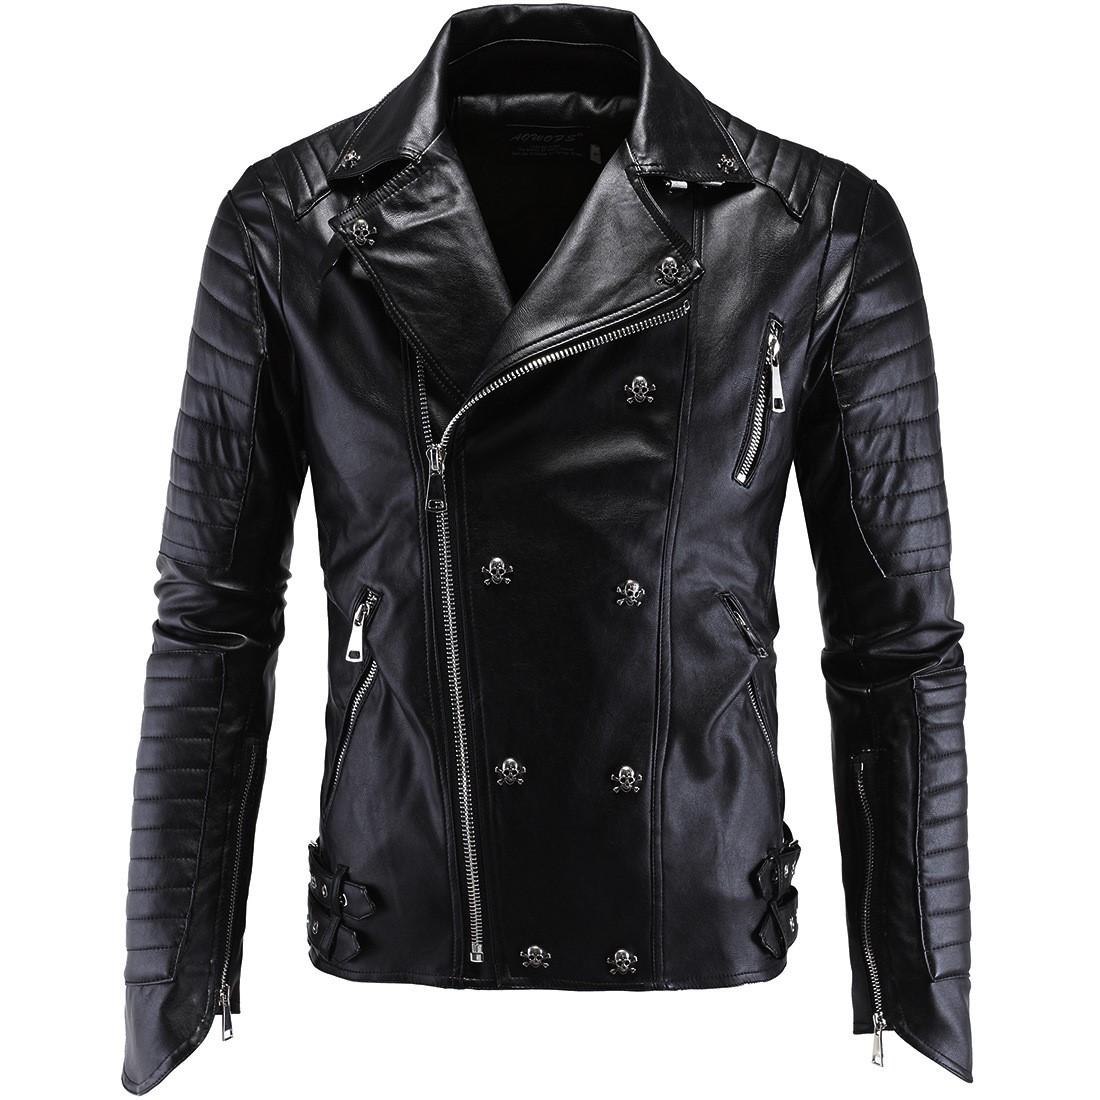 男士朋克皮衣 朋克男士皮衣卡丽皮机车皮衣修身哈雷皮夹克Men's jacket tops_推荐淘宝好看的男朋克皮衣